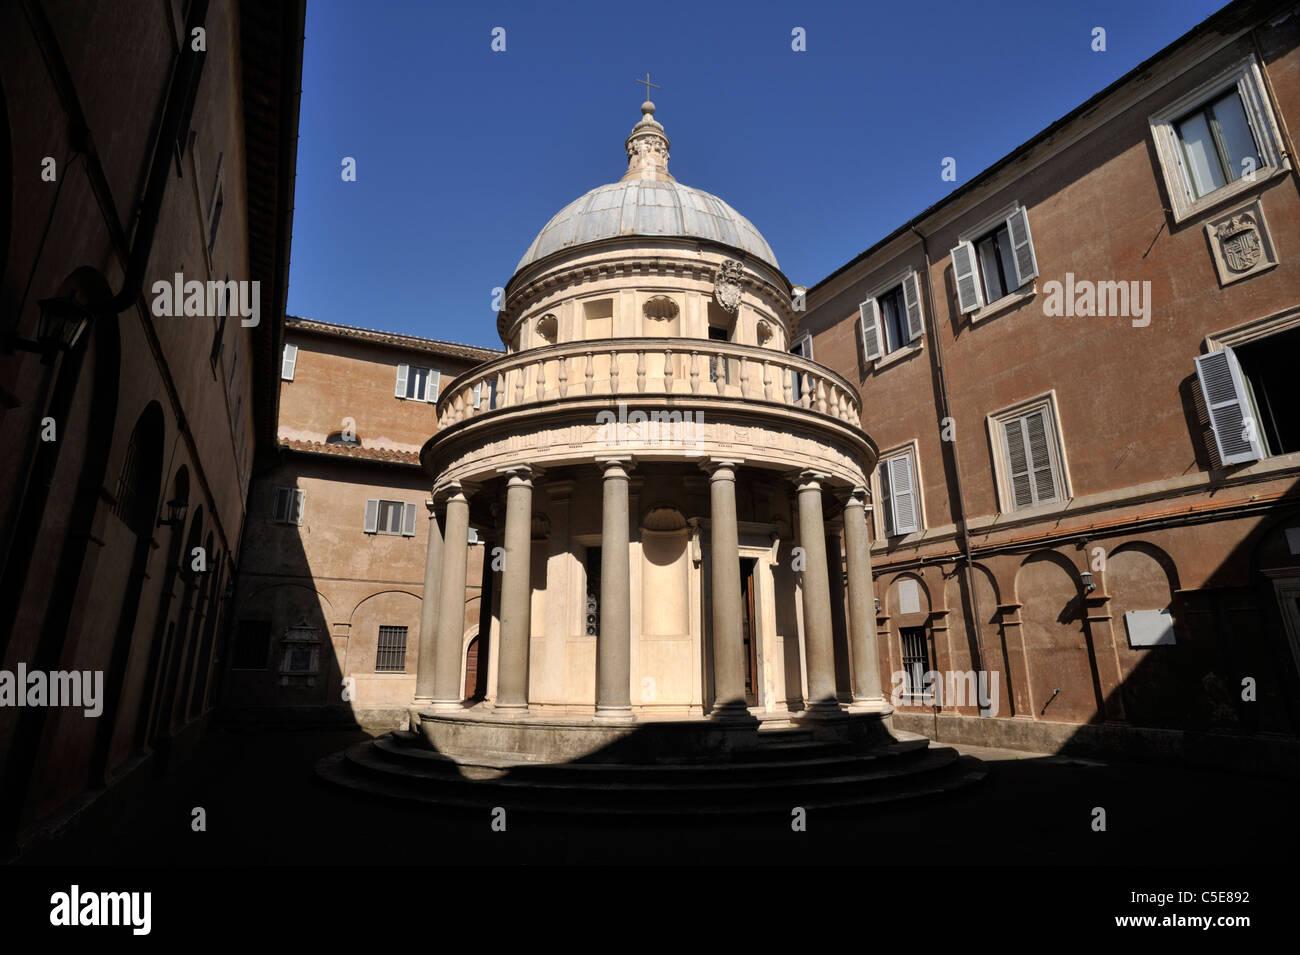 Italie, Rome, complexe de San Pietro in montorio, tempietto del bramante temple, l'architecture de la renaissance Photo Stock